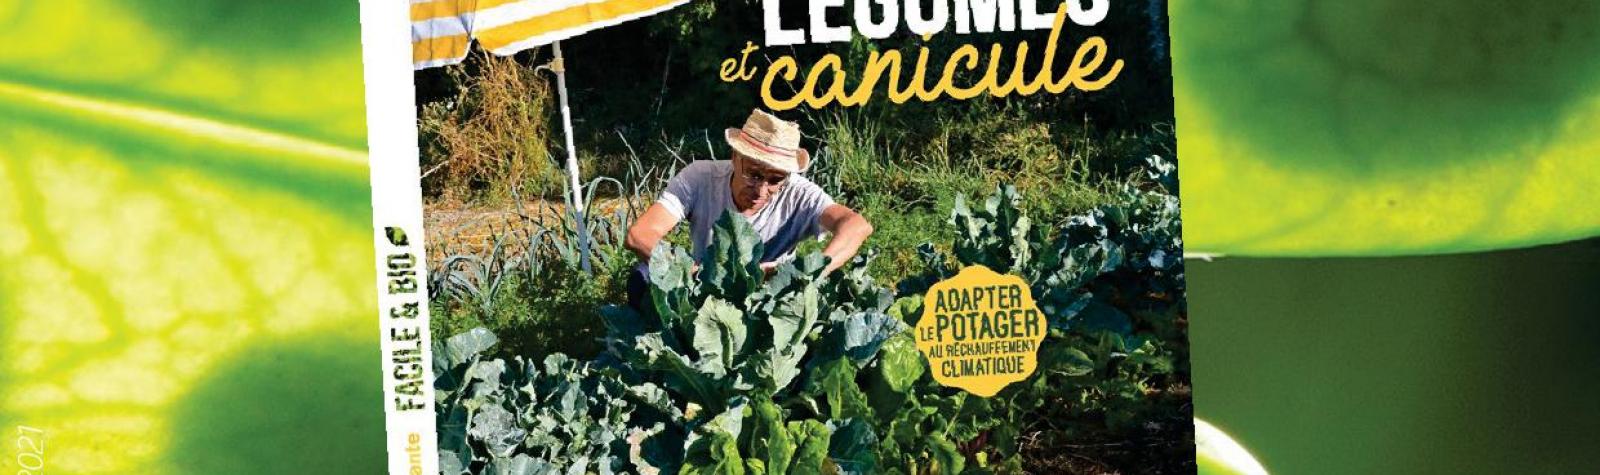 © Affiche conférence légumes et canicule